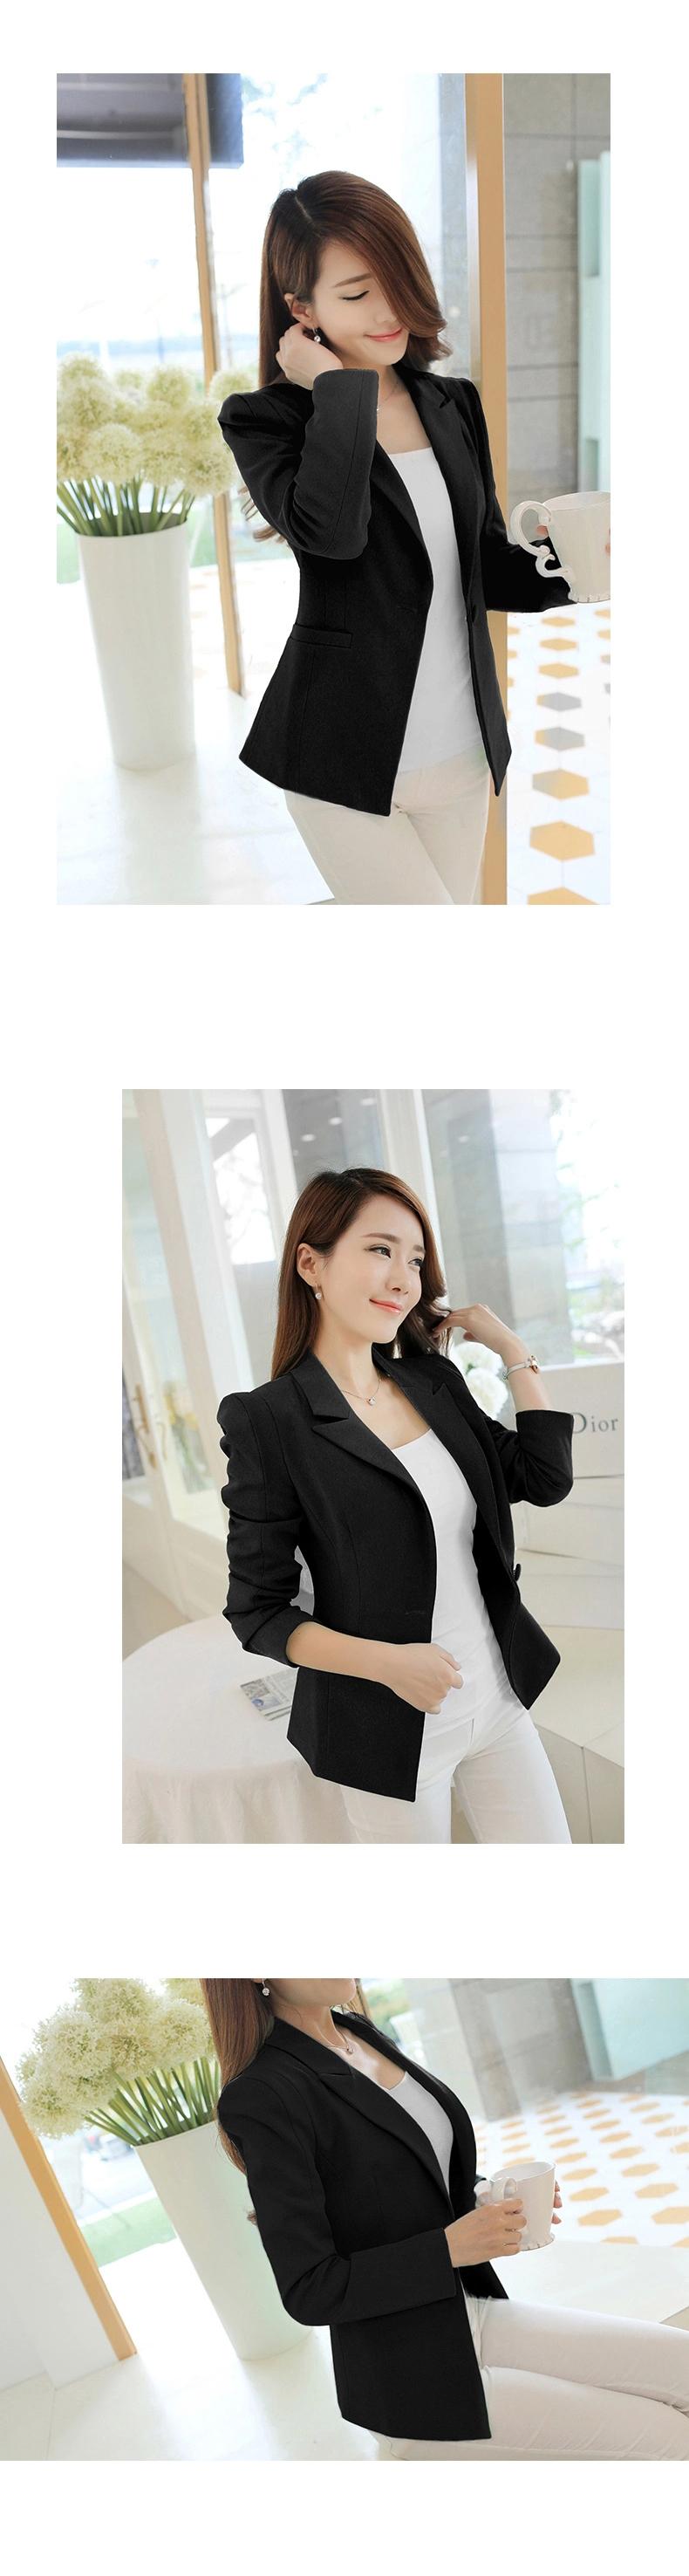 เสื้อสูทใส่ทำงานสีดำ แขนยาว สไตล์เรียบหรู เนื้อผ้าหนากำลังดี เย็บซับผ้าไนล่อนด้านในเสื้อ กระดุมกลมสีดำ กระเป๋าสองข้างลึกใส่โทรศัพท์ได้ด้วยจ้า